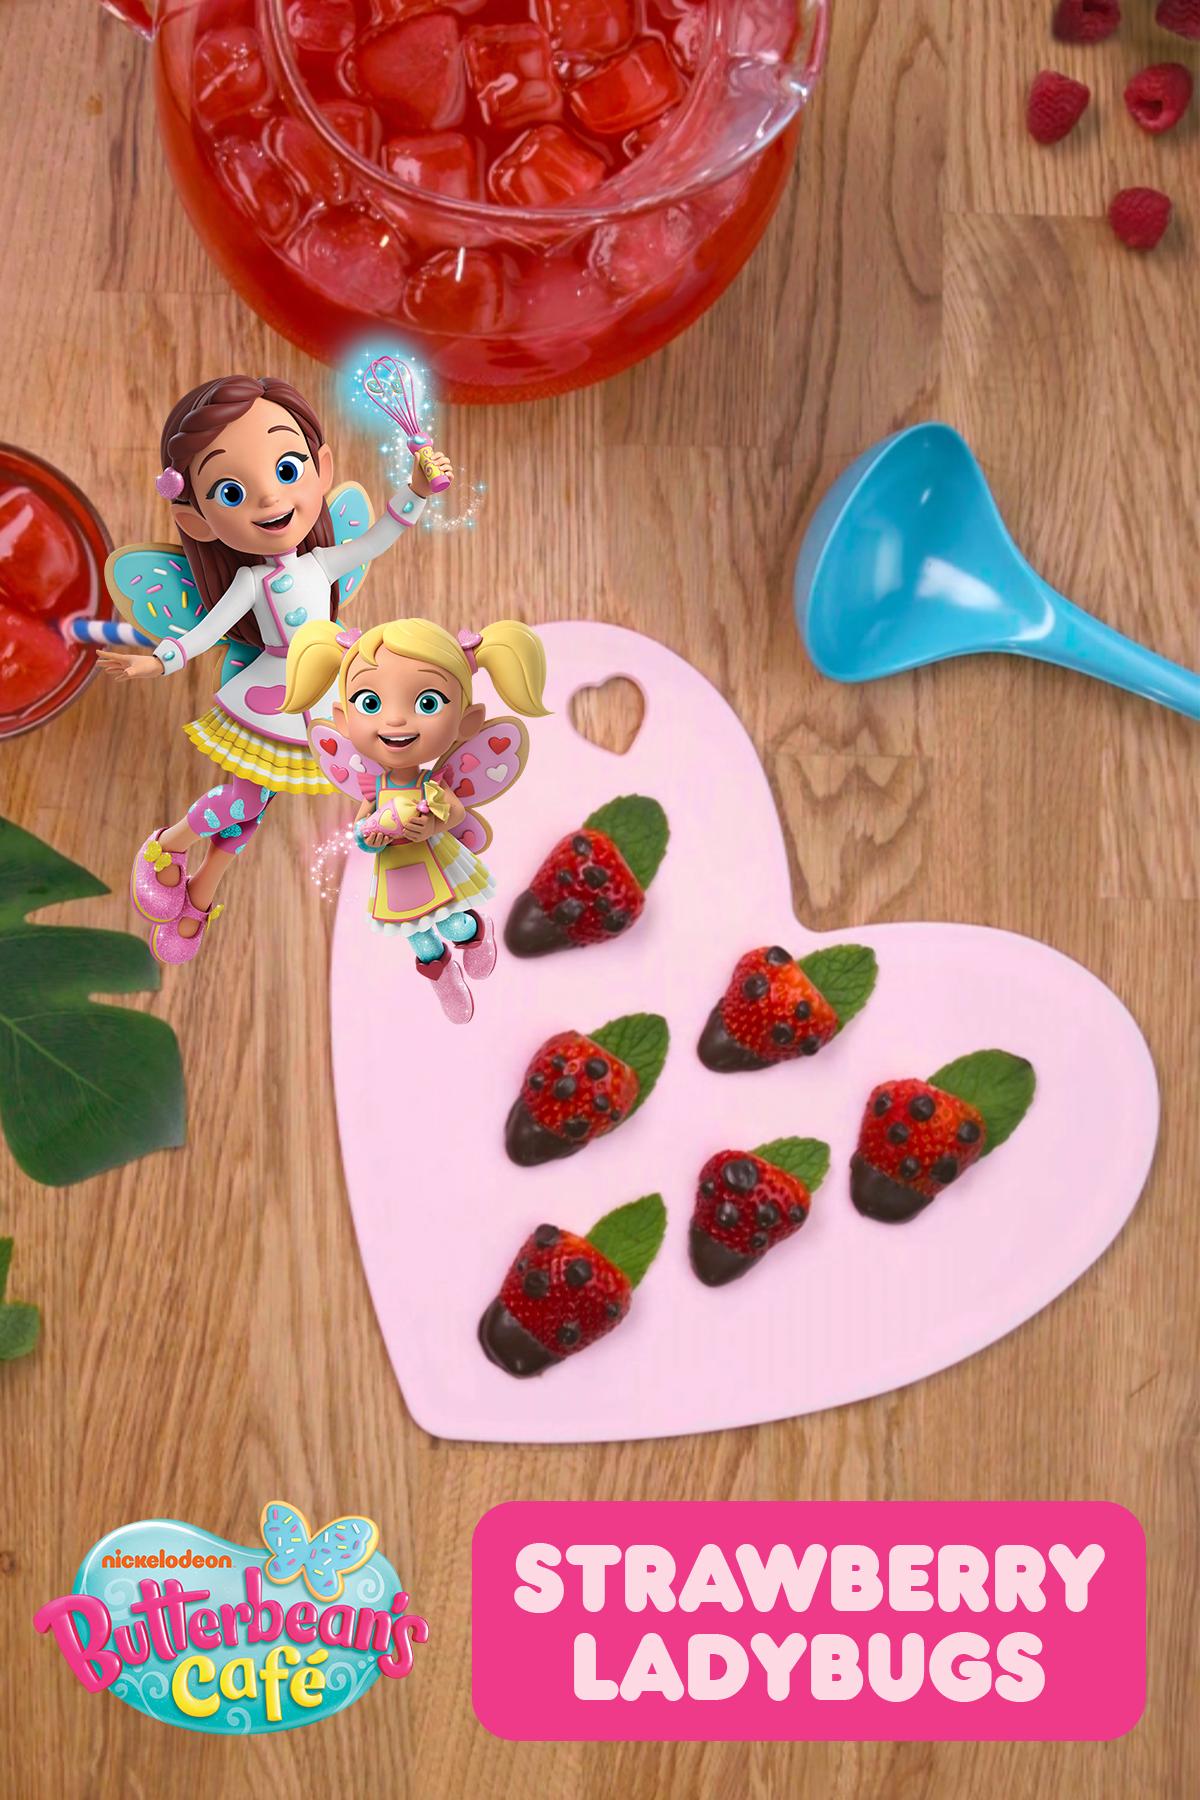 Strawberry Ladybugs Recipe